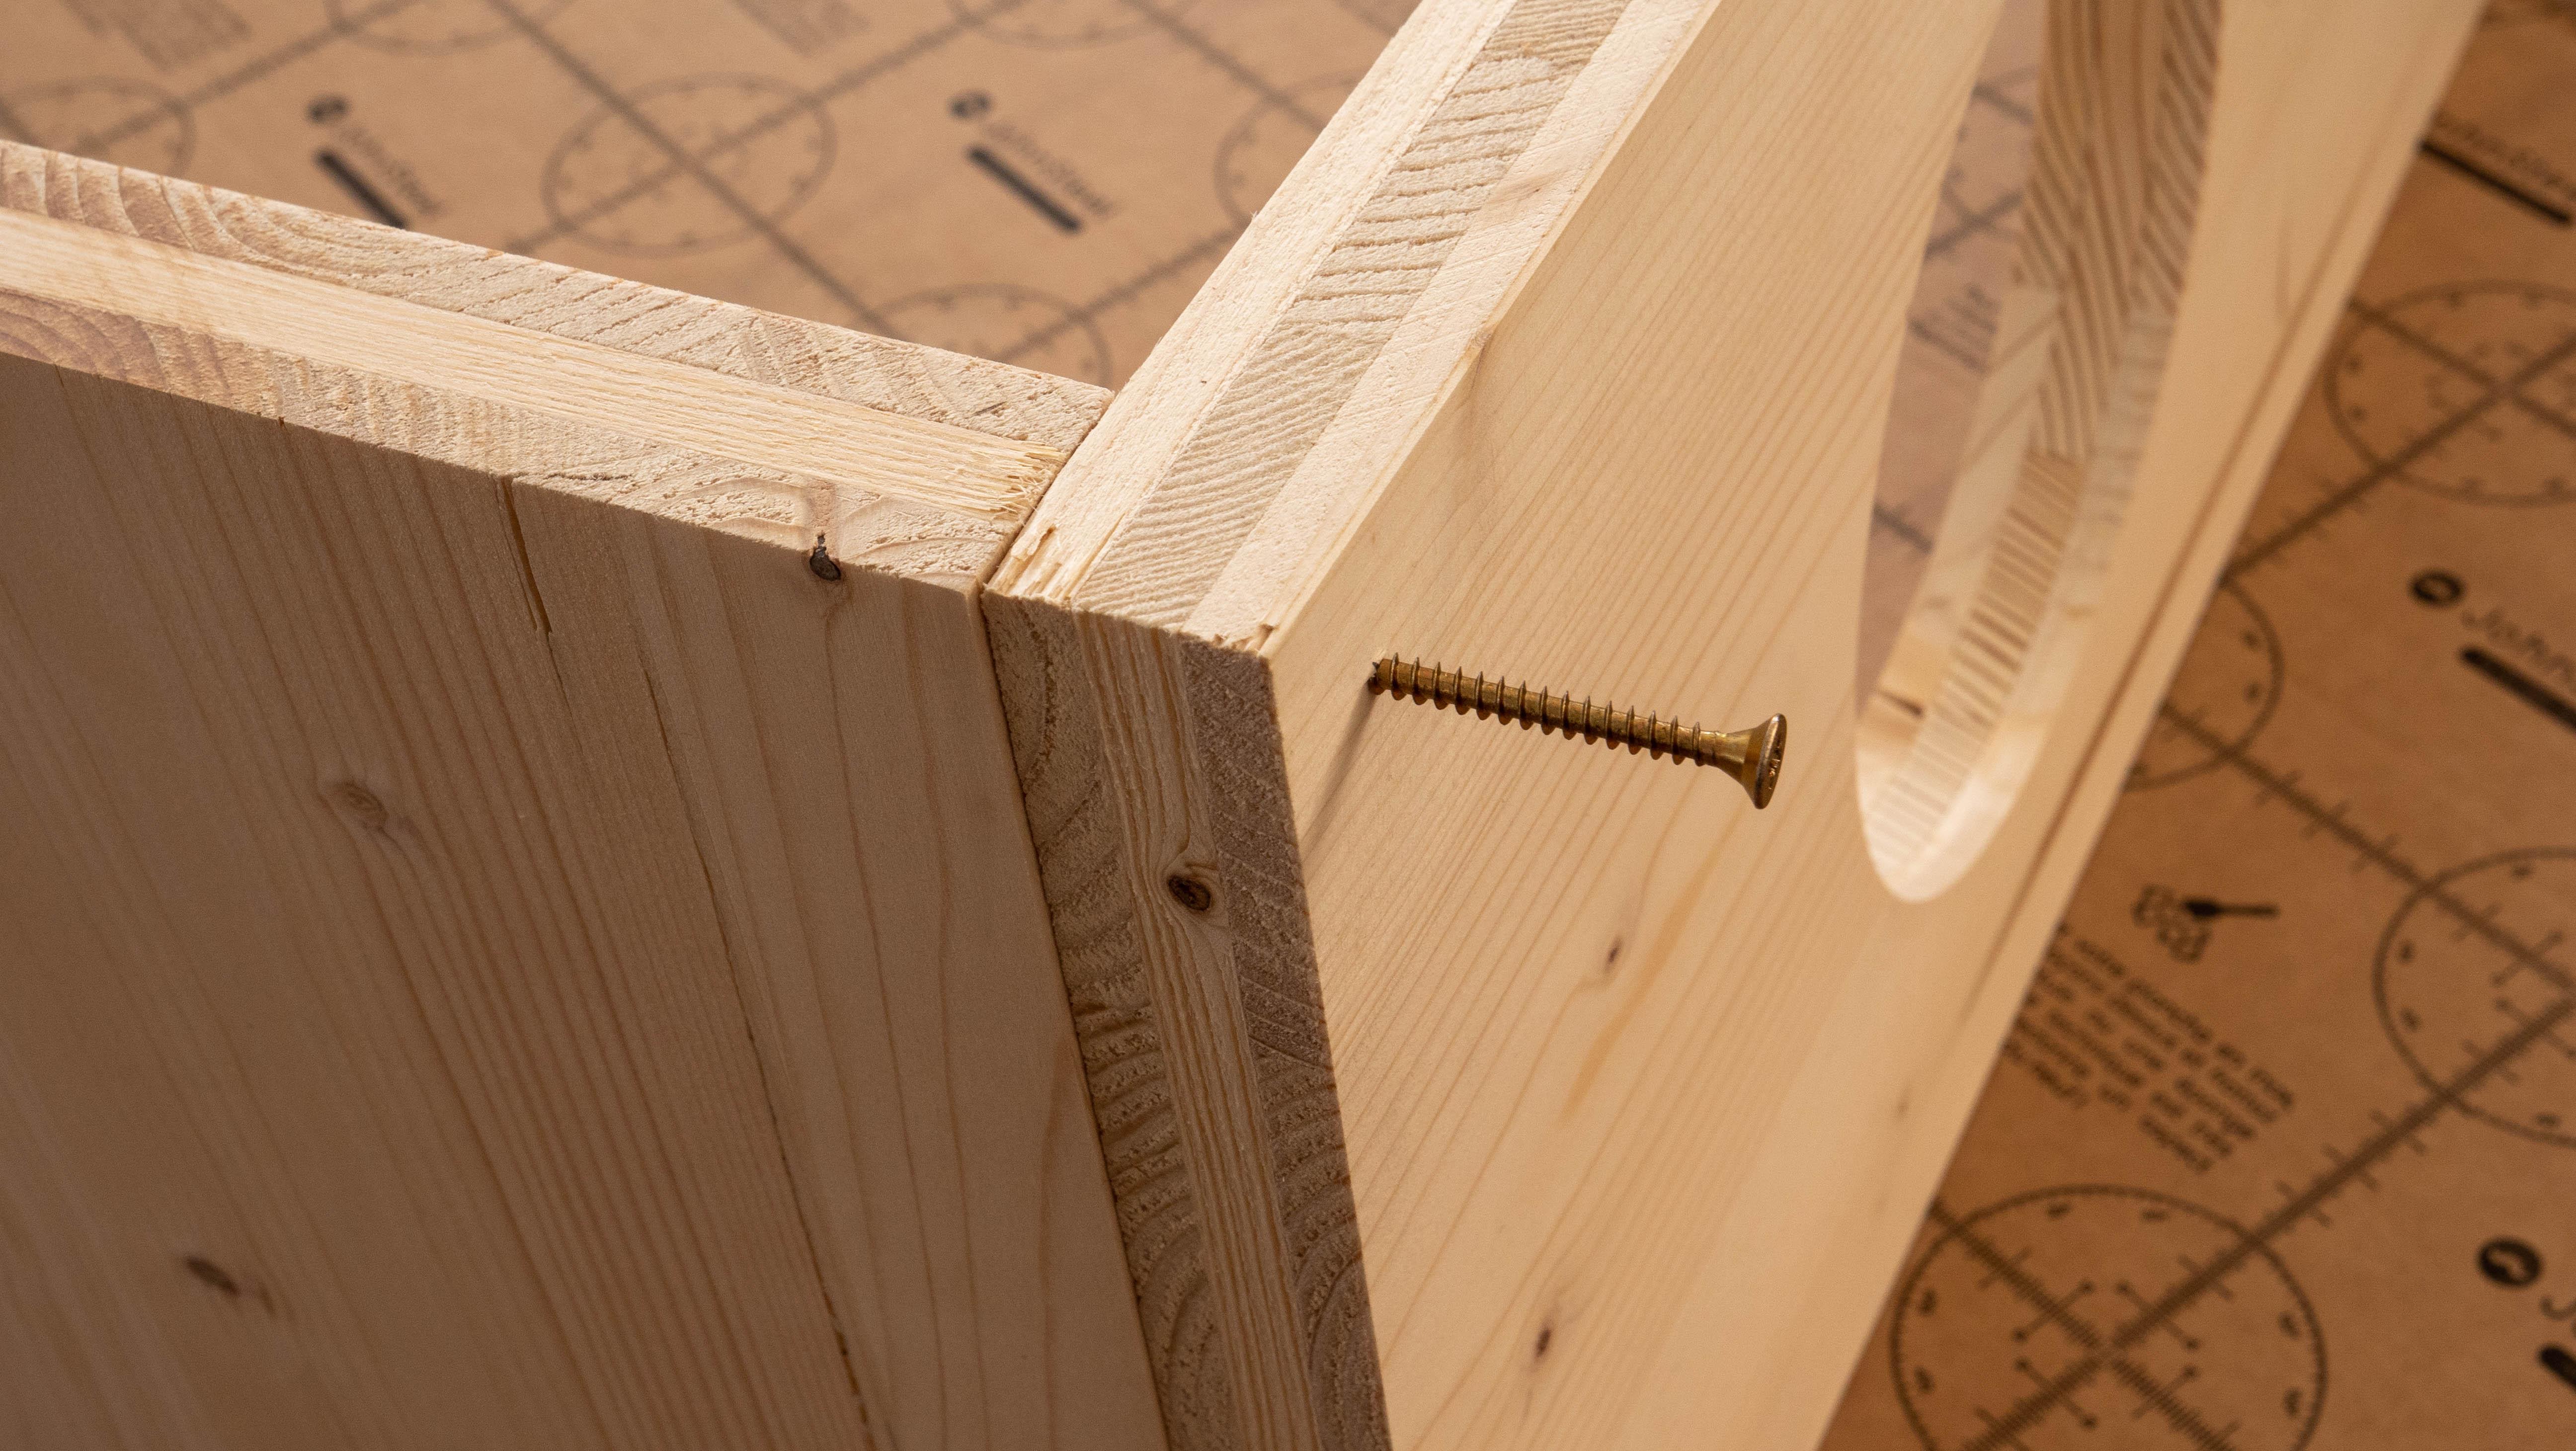 fixation avec perceuse des pieds en bois